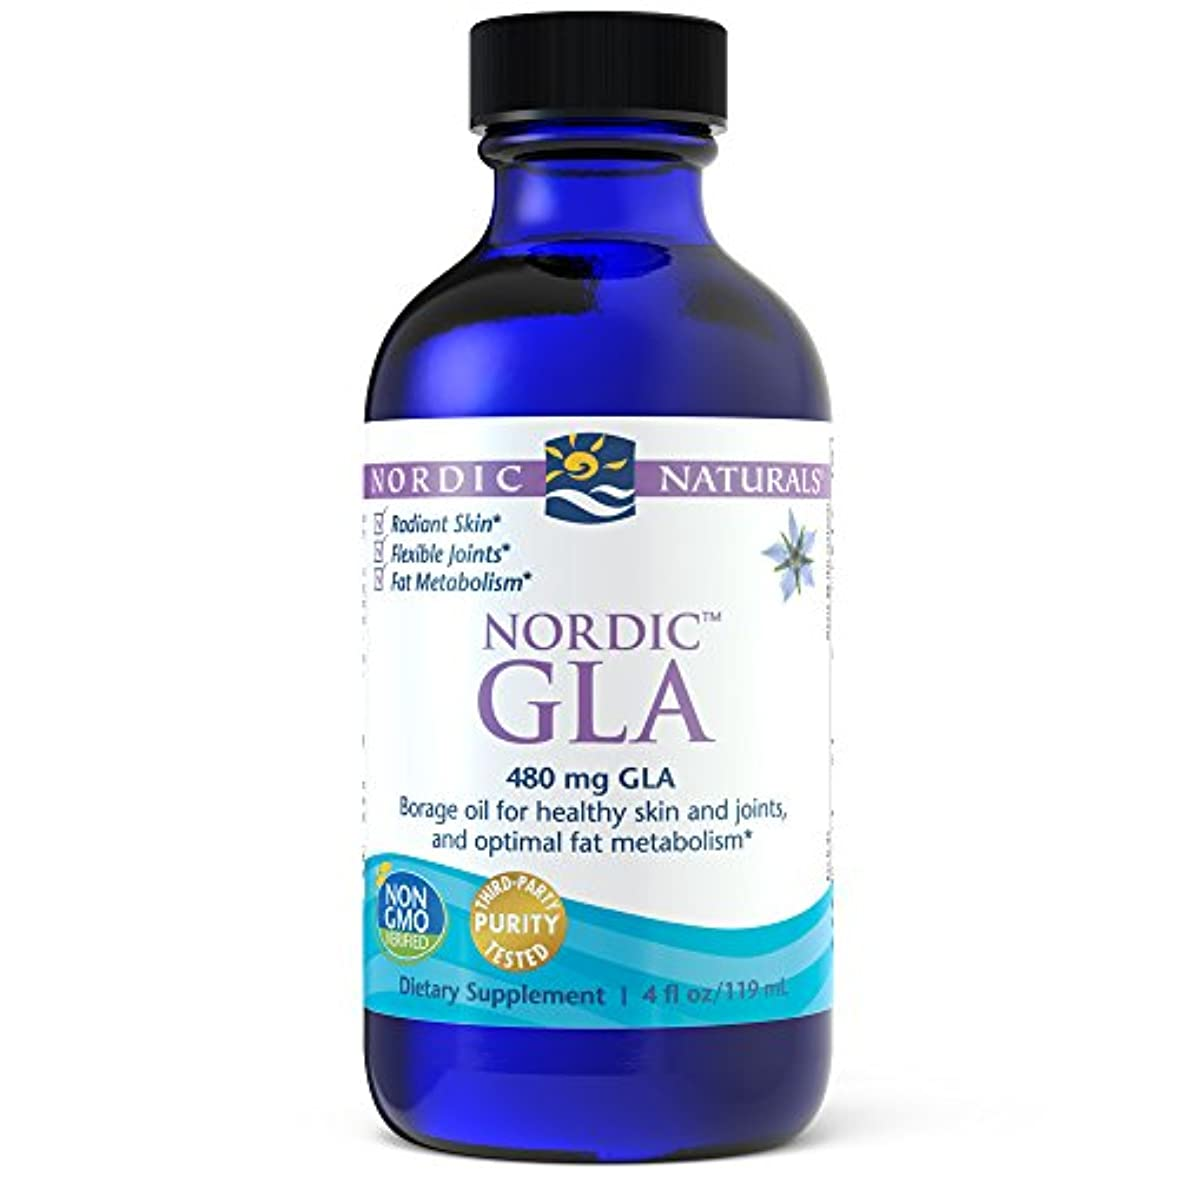 品種非効率的なくしゃみNordic Naturals ノルディック GLA アンフレーバー 4 オンス